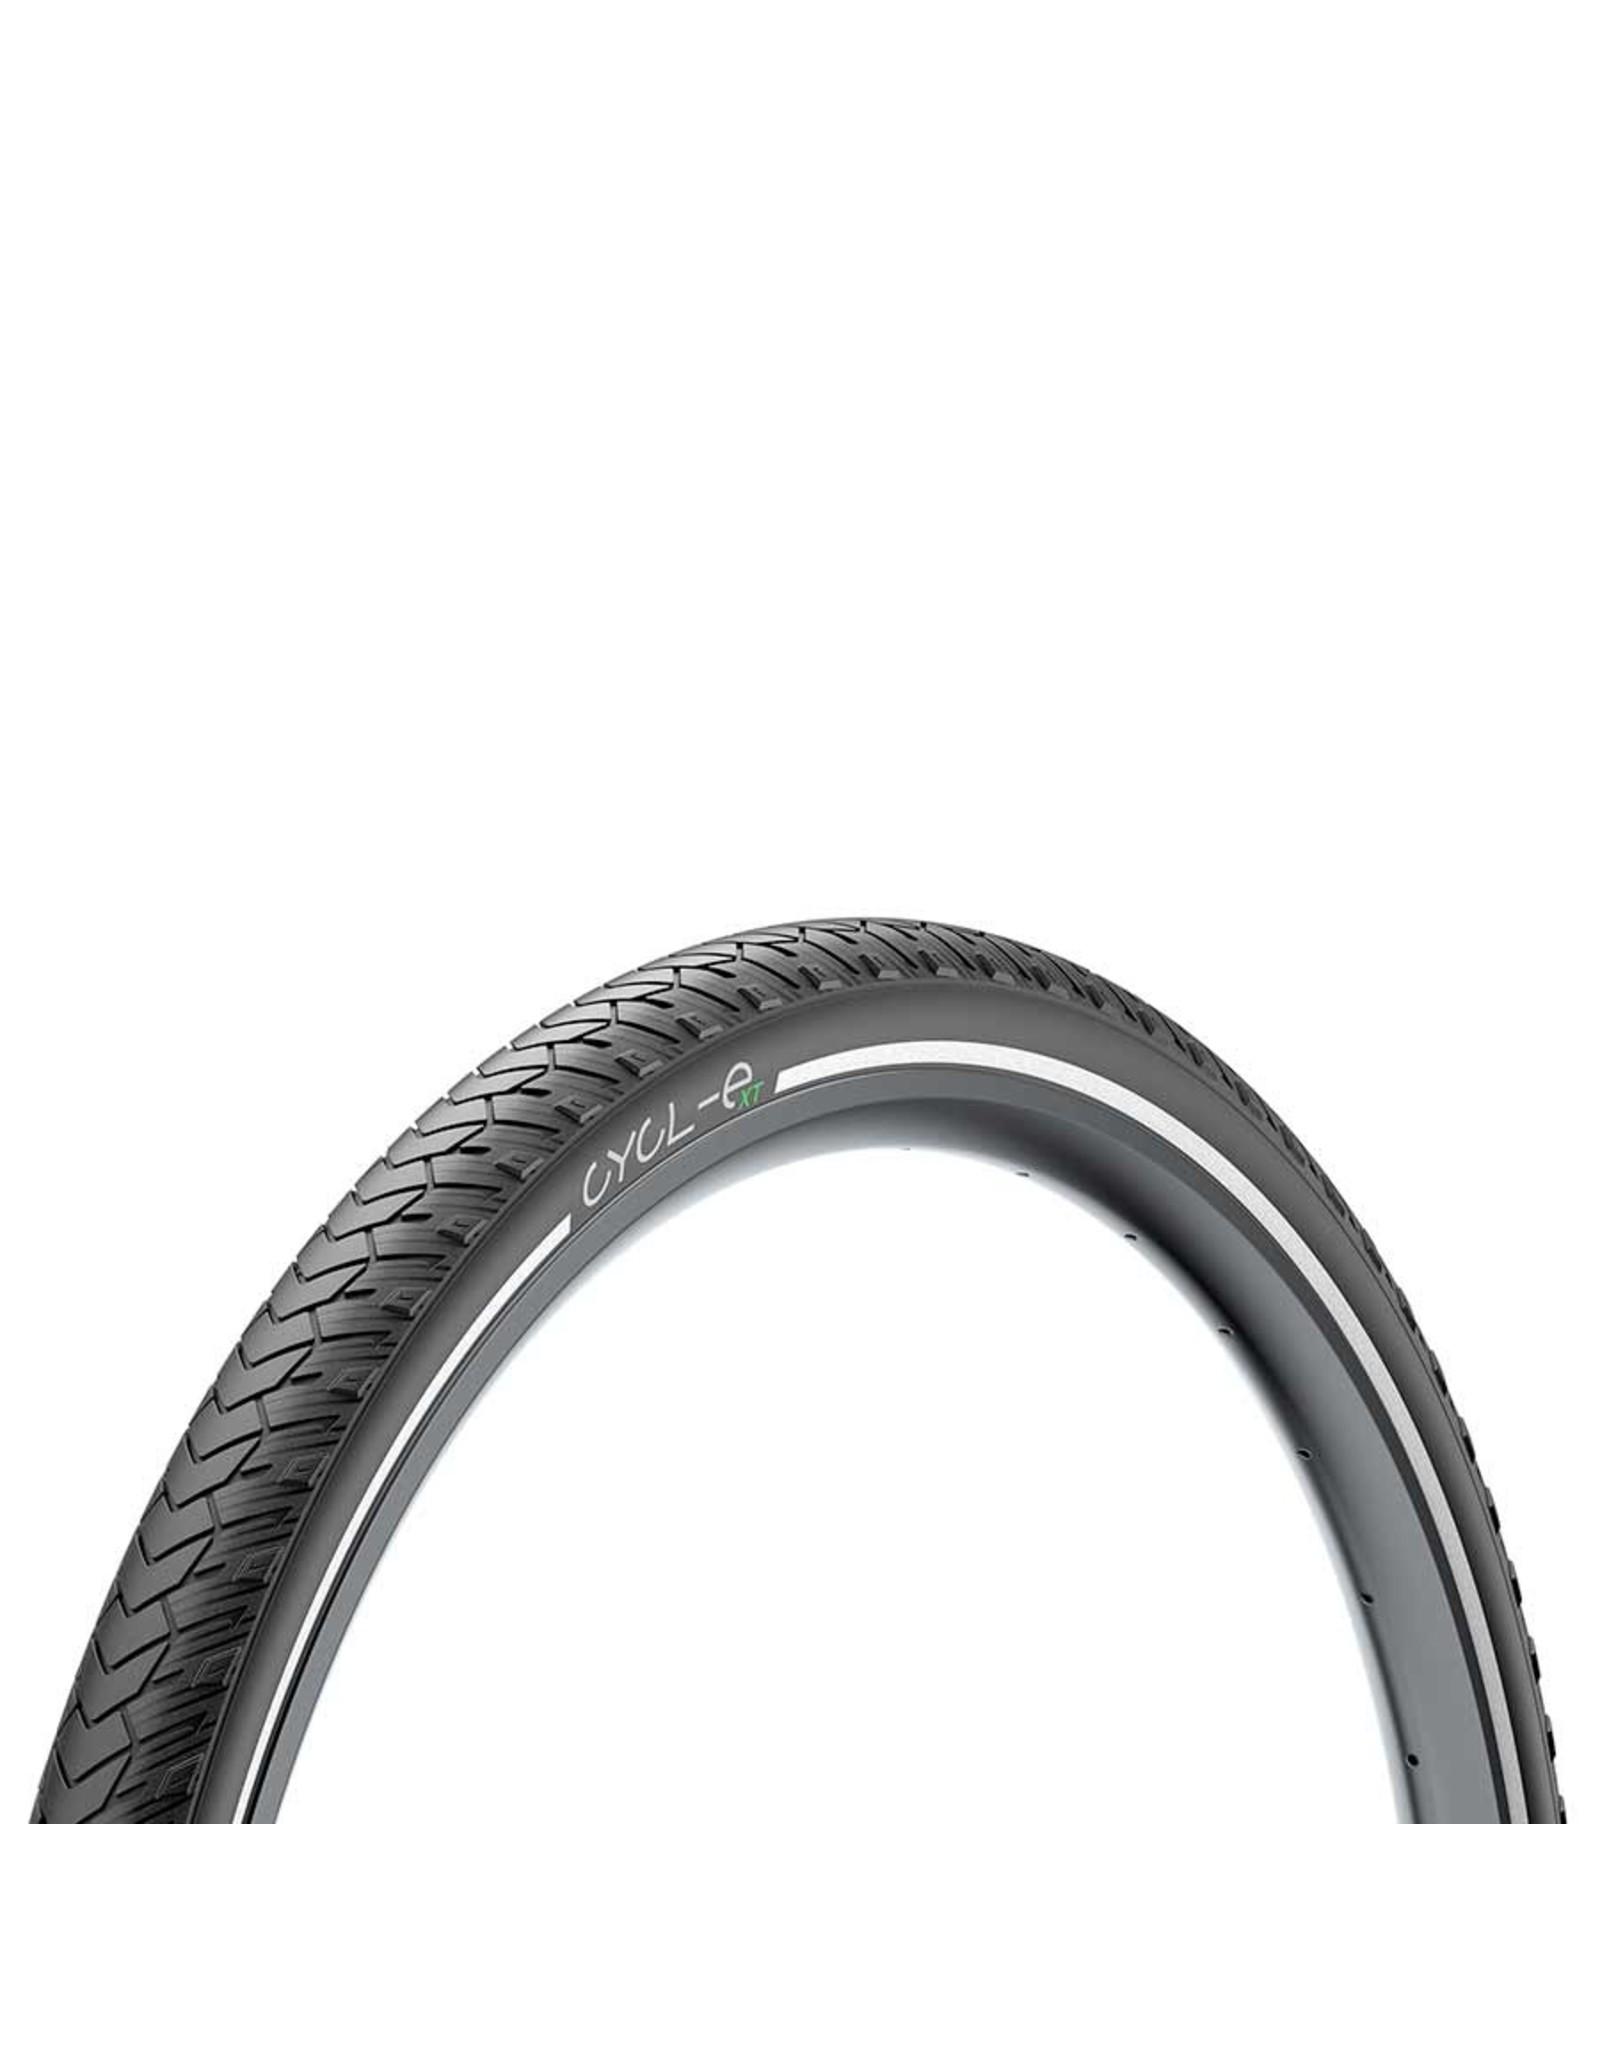 Pirelli, Cycl-e XT, Tire, 700x45C, Wire, Clincher, Black